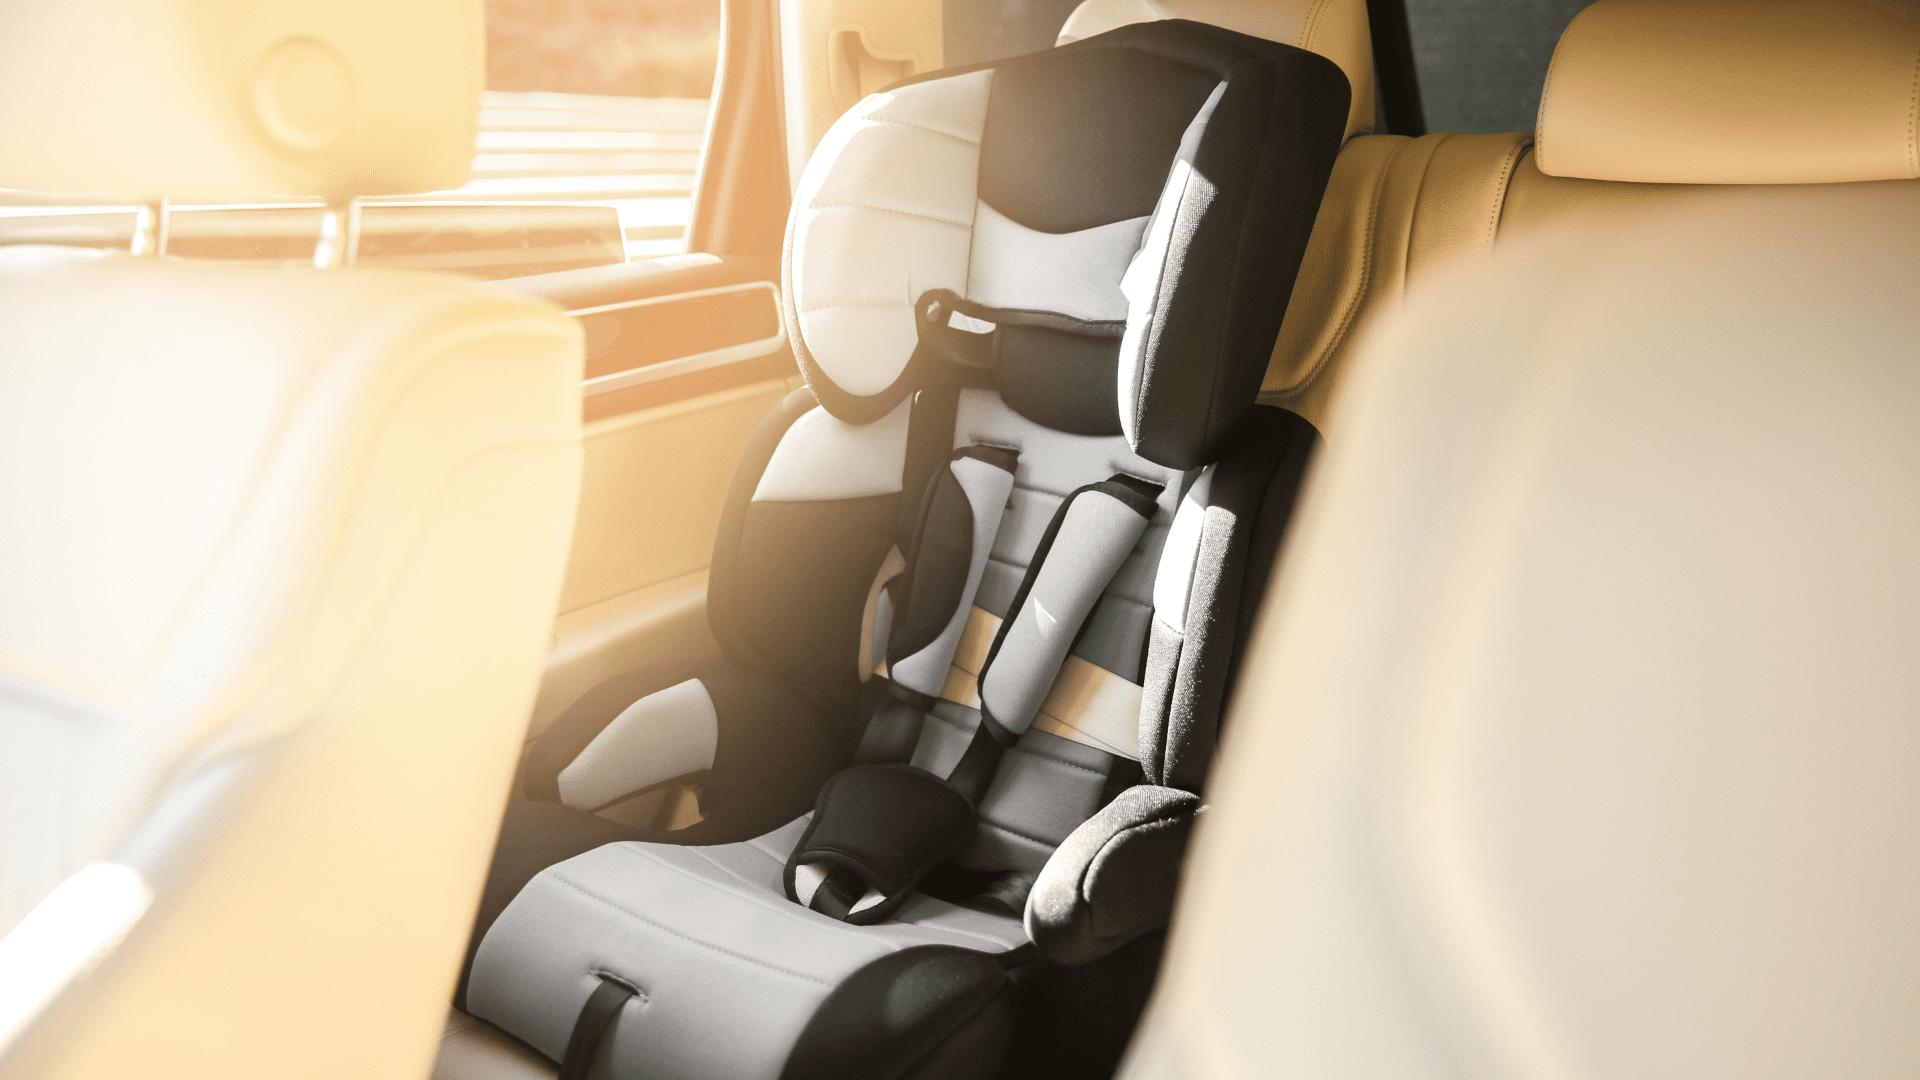 Veja a nossa seleção das melhores cadeiras para auto para comprar em 2020! (Imagem: Reprodução/Shutterstock)